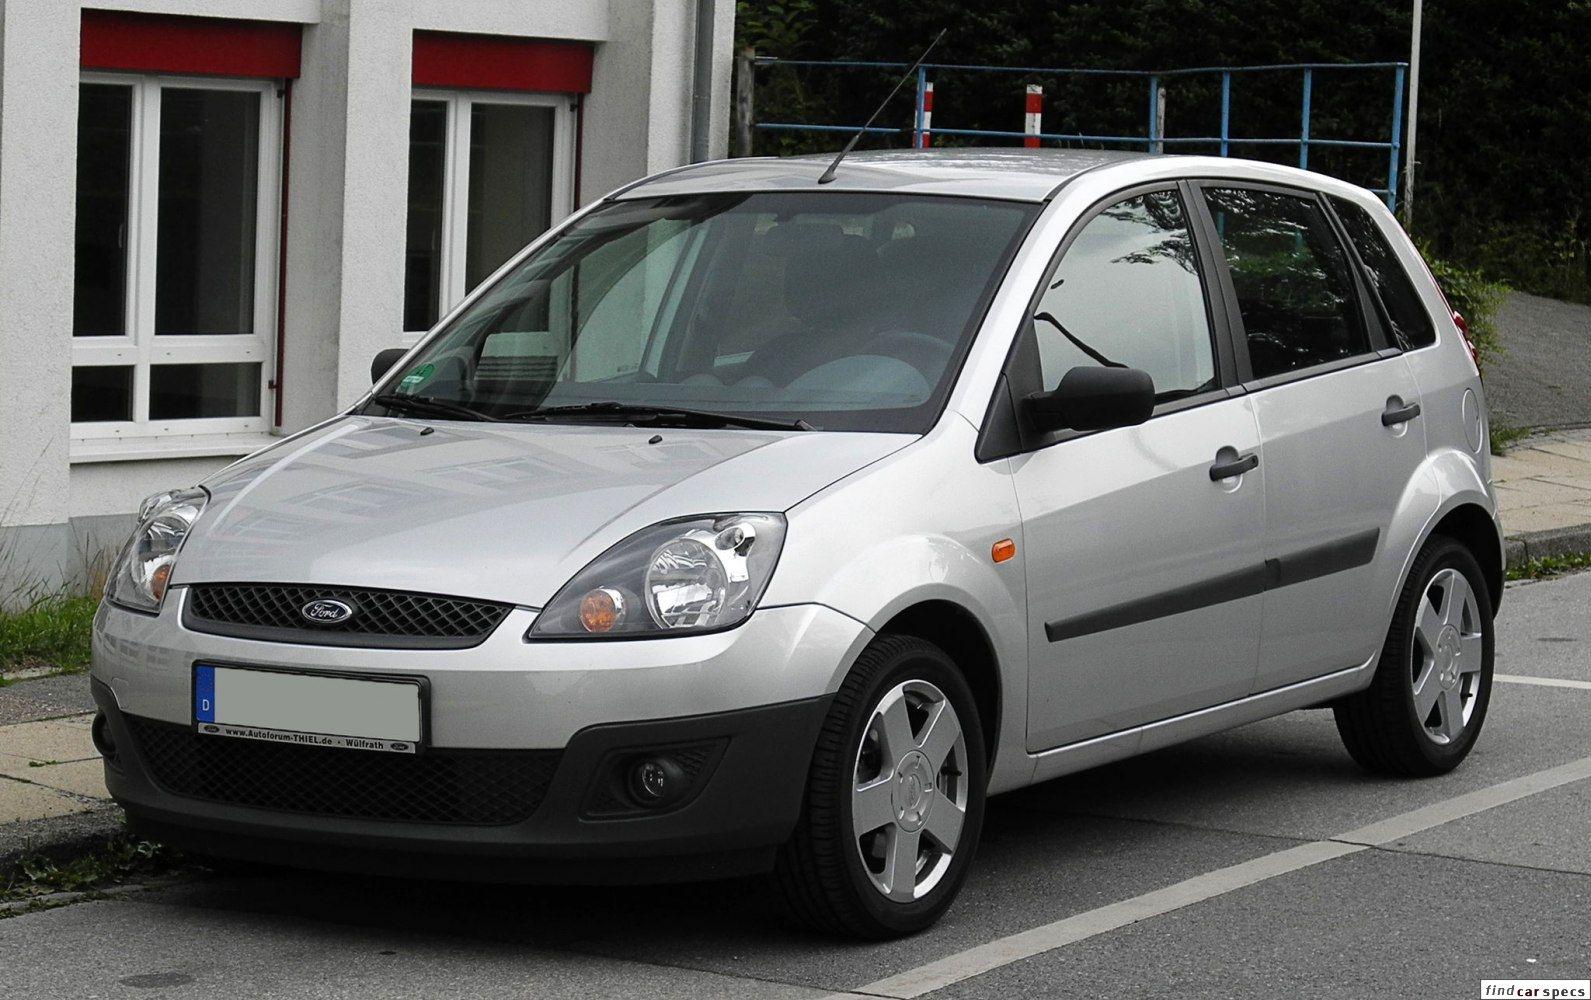 47+ Ford fiesta 2005 2 door ideas